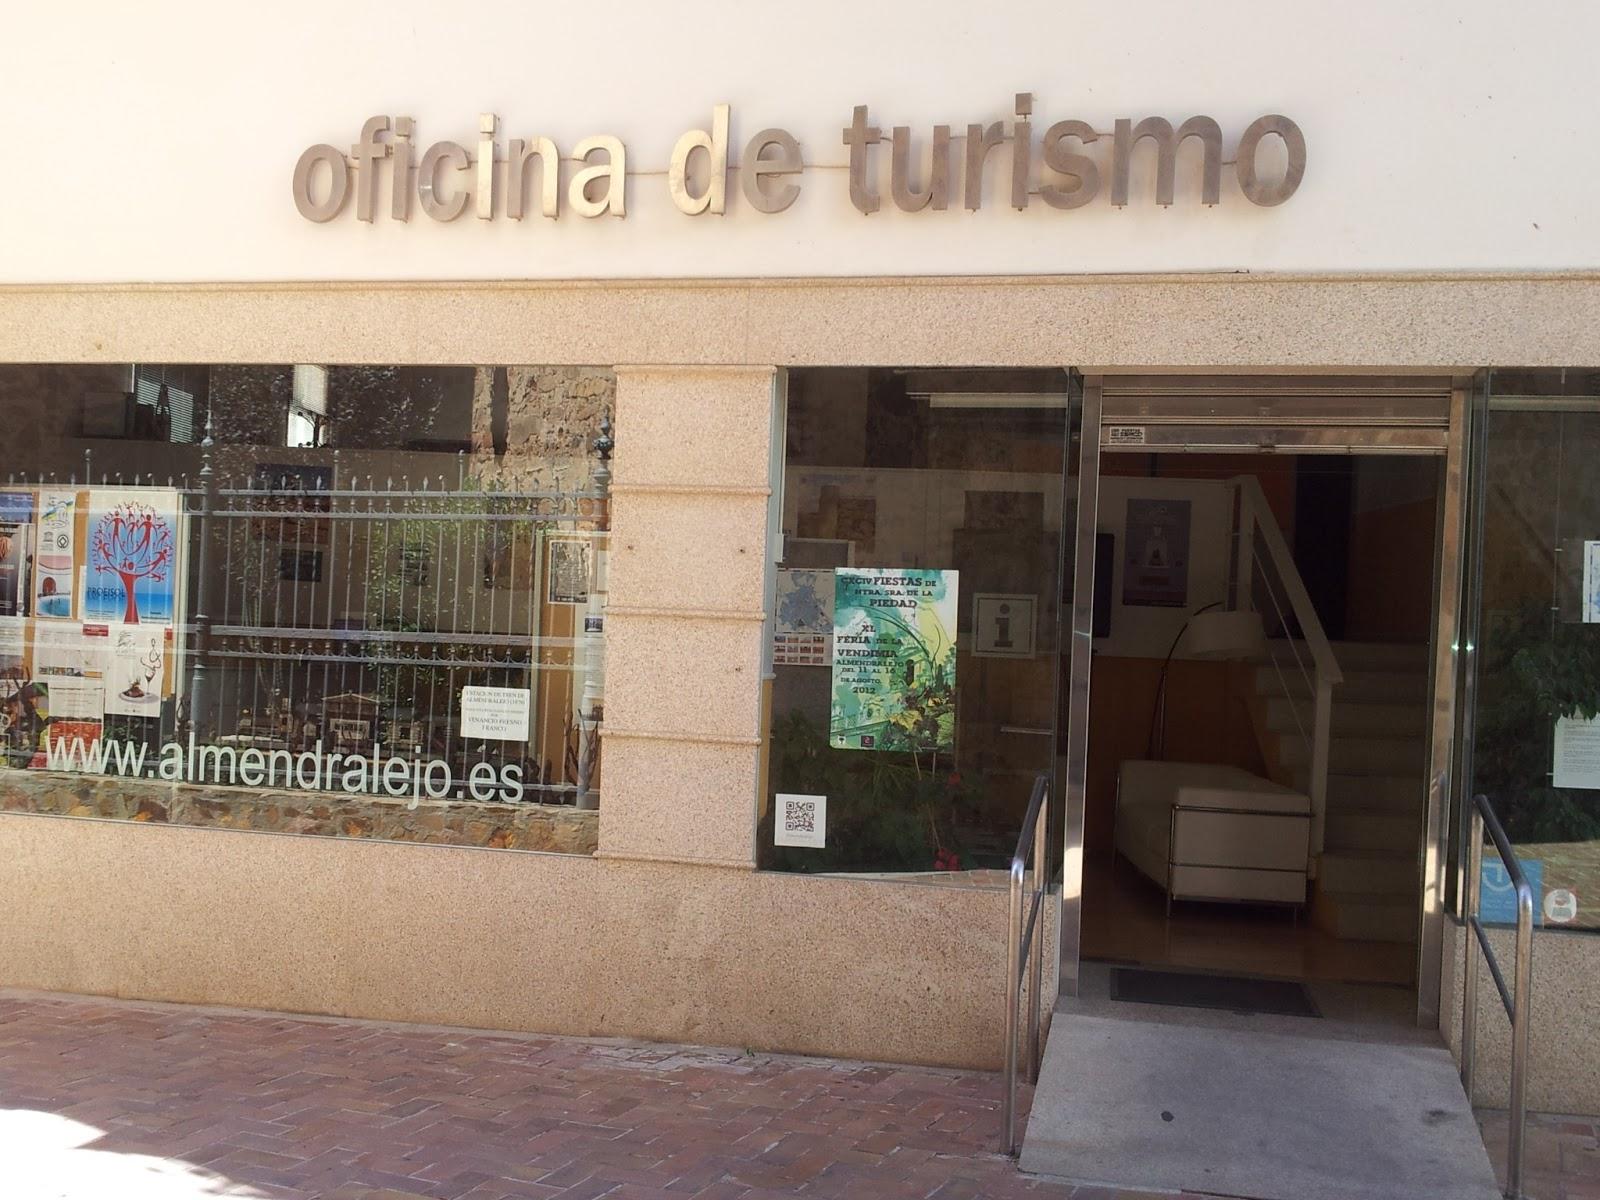 radio comarca de barros noticias almendralejo 107